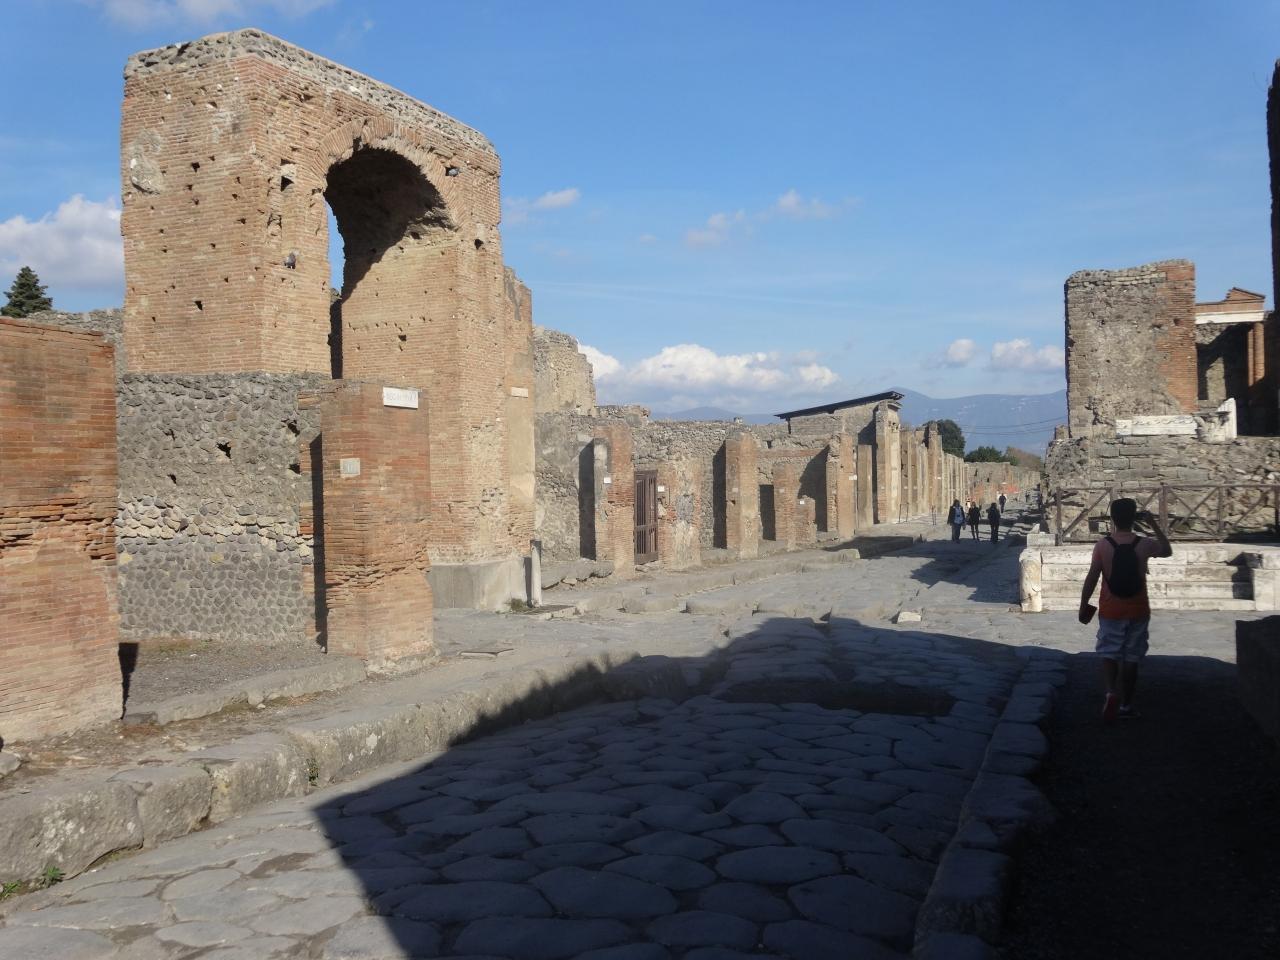 ポンペイ、ヘルクラネウム及びトッレ・アンヌンツィアータの遺跡地域の画像 p1_20